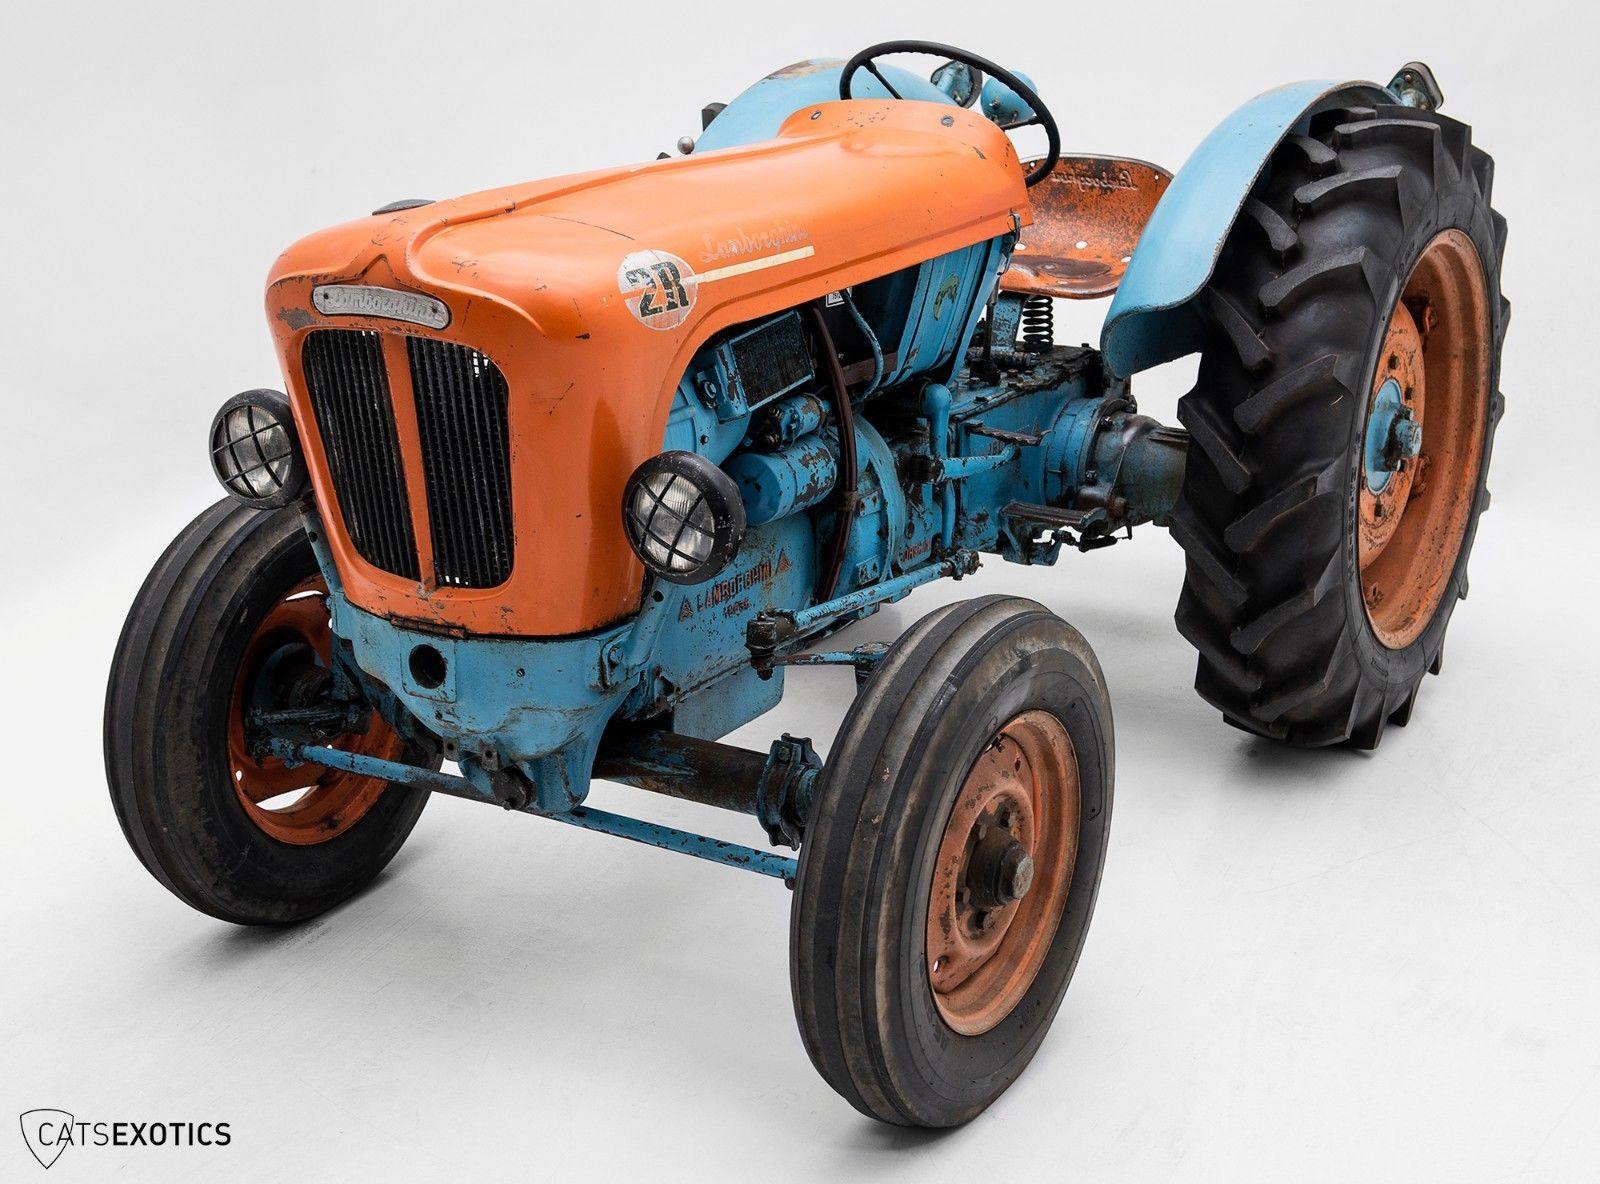 Lamborghini 2R tractor 1964 barnfind for sale (1)